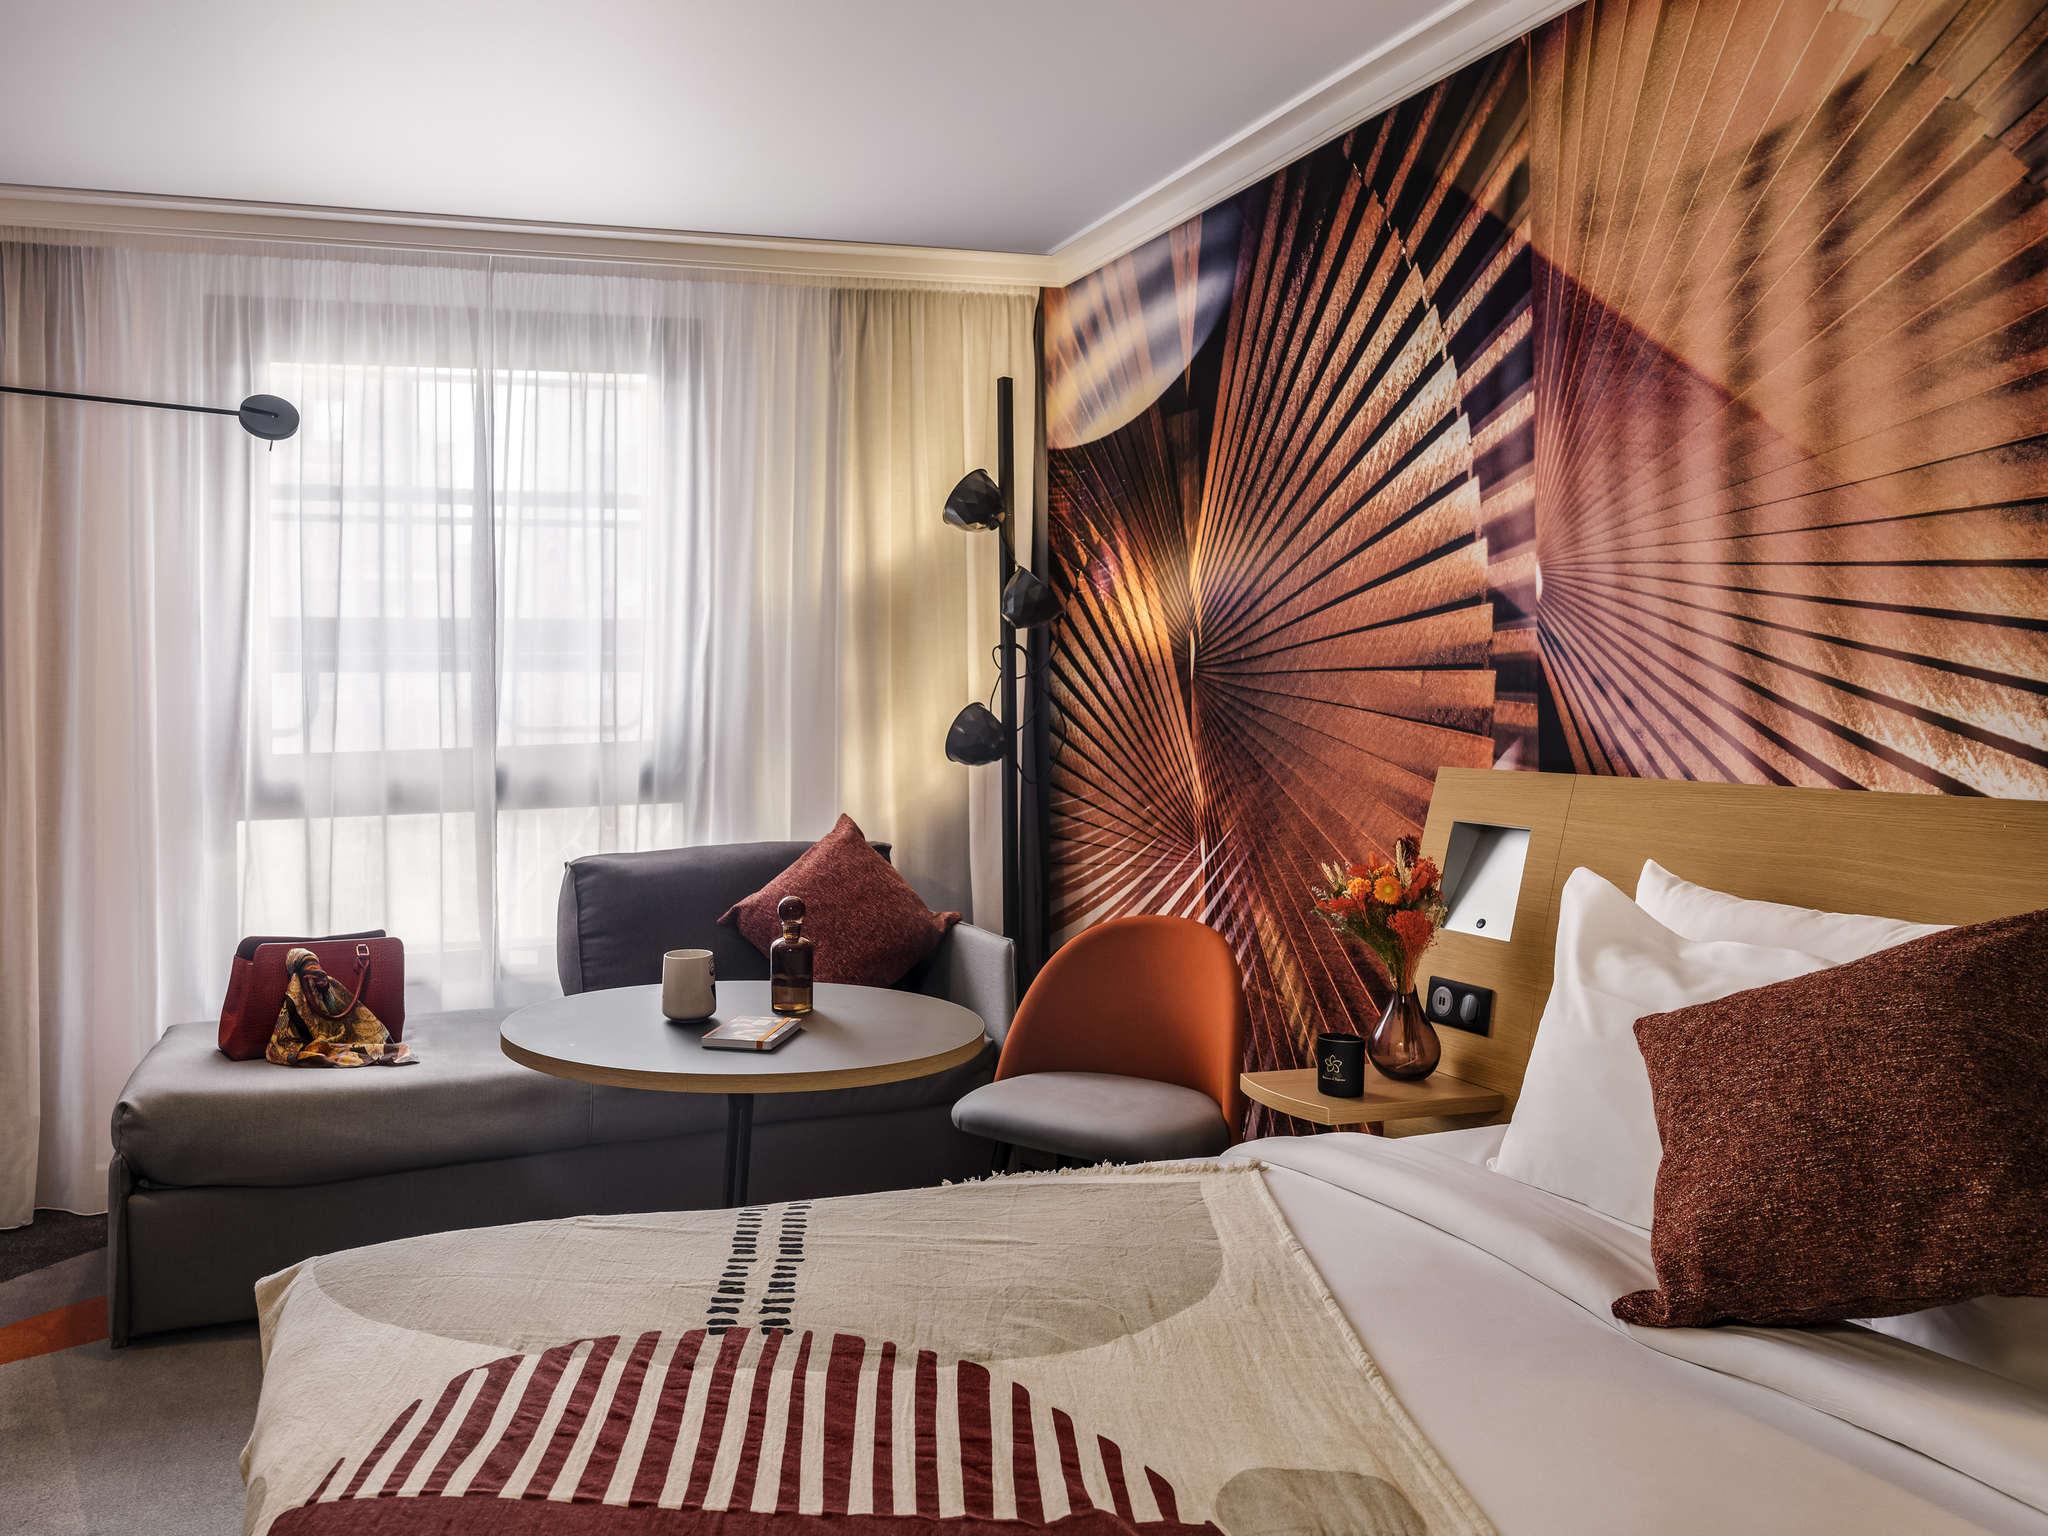 โรงแรม – โนโวเทล ปารีส โวจิราร์ด มงต์ปาร์นาส